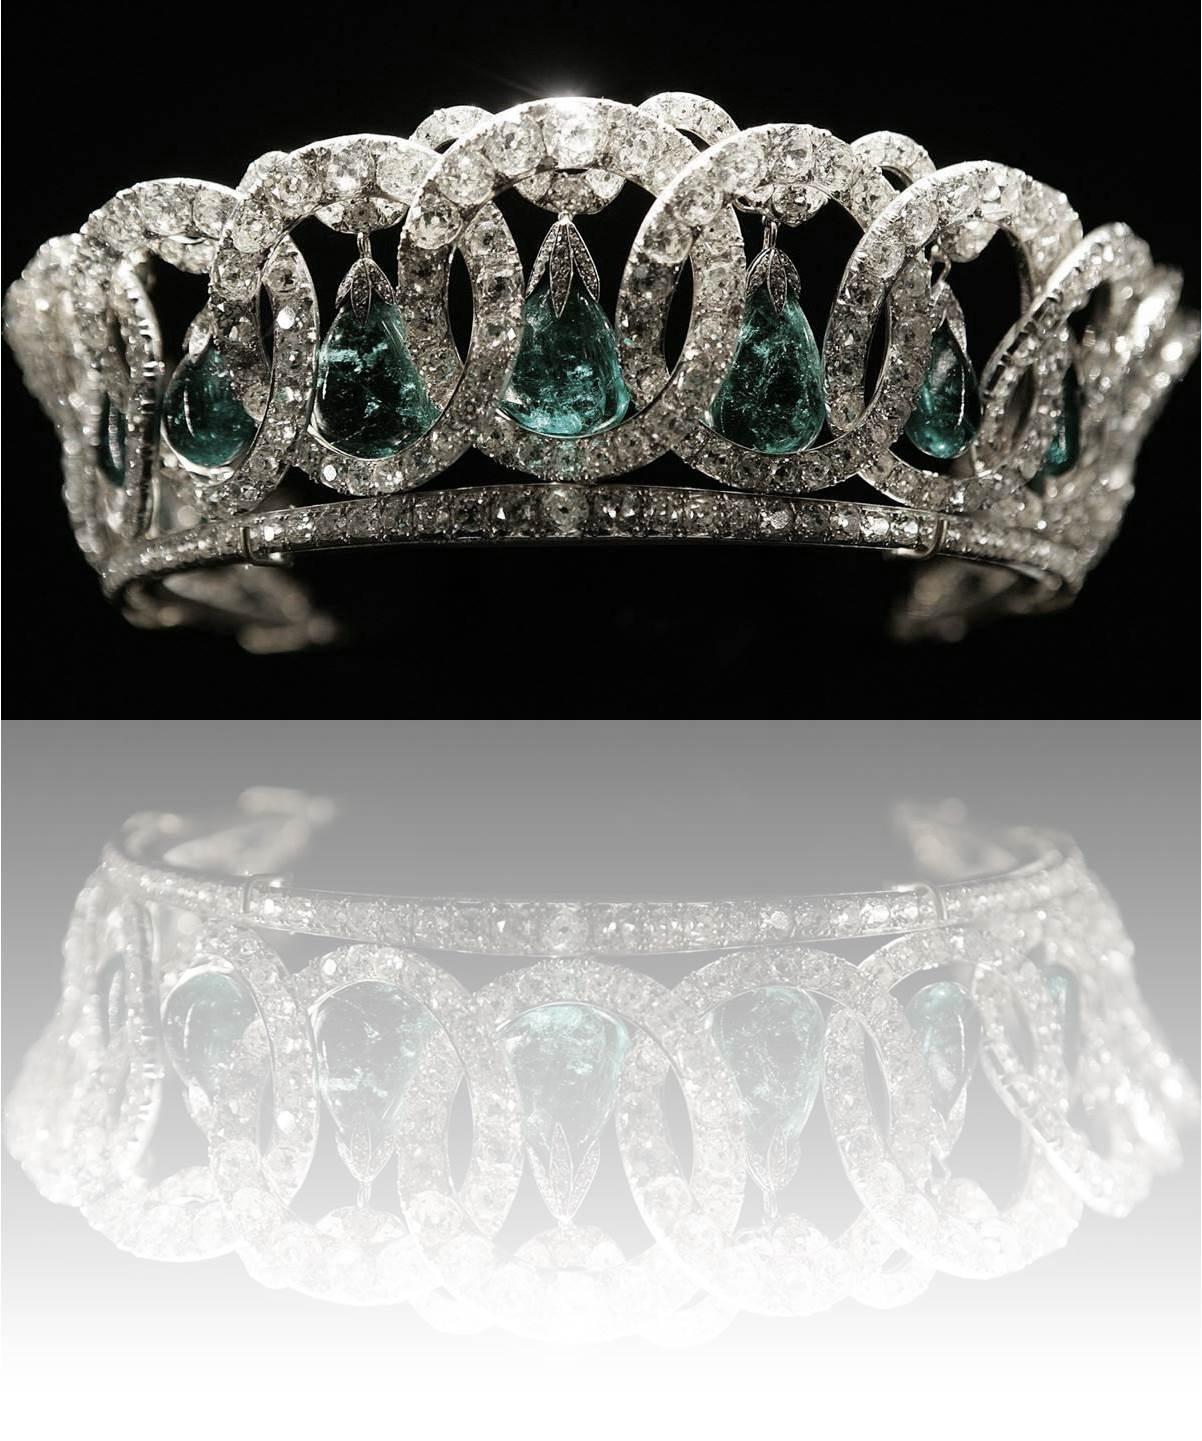 Donne e corone page 3 for Tiara di diamanti